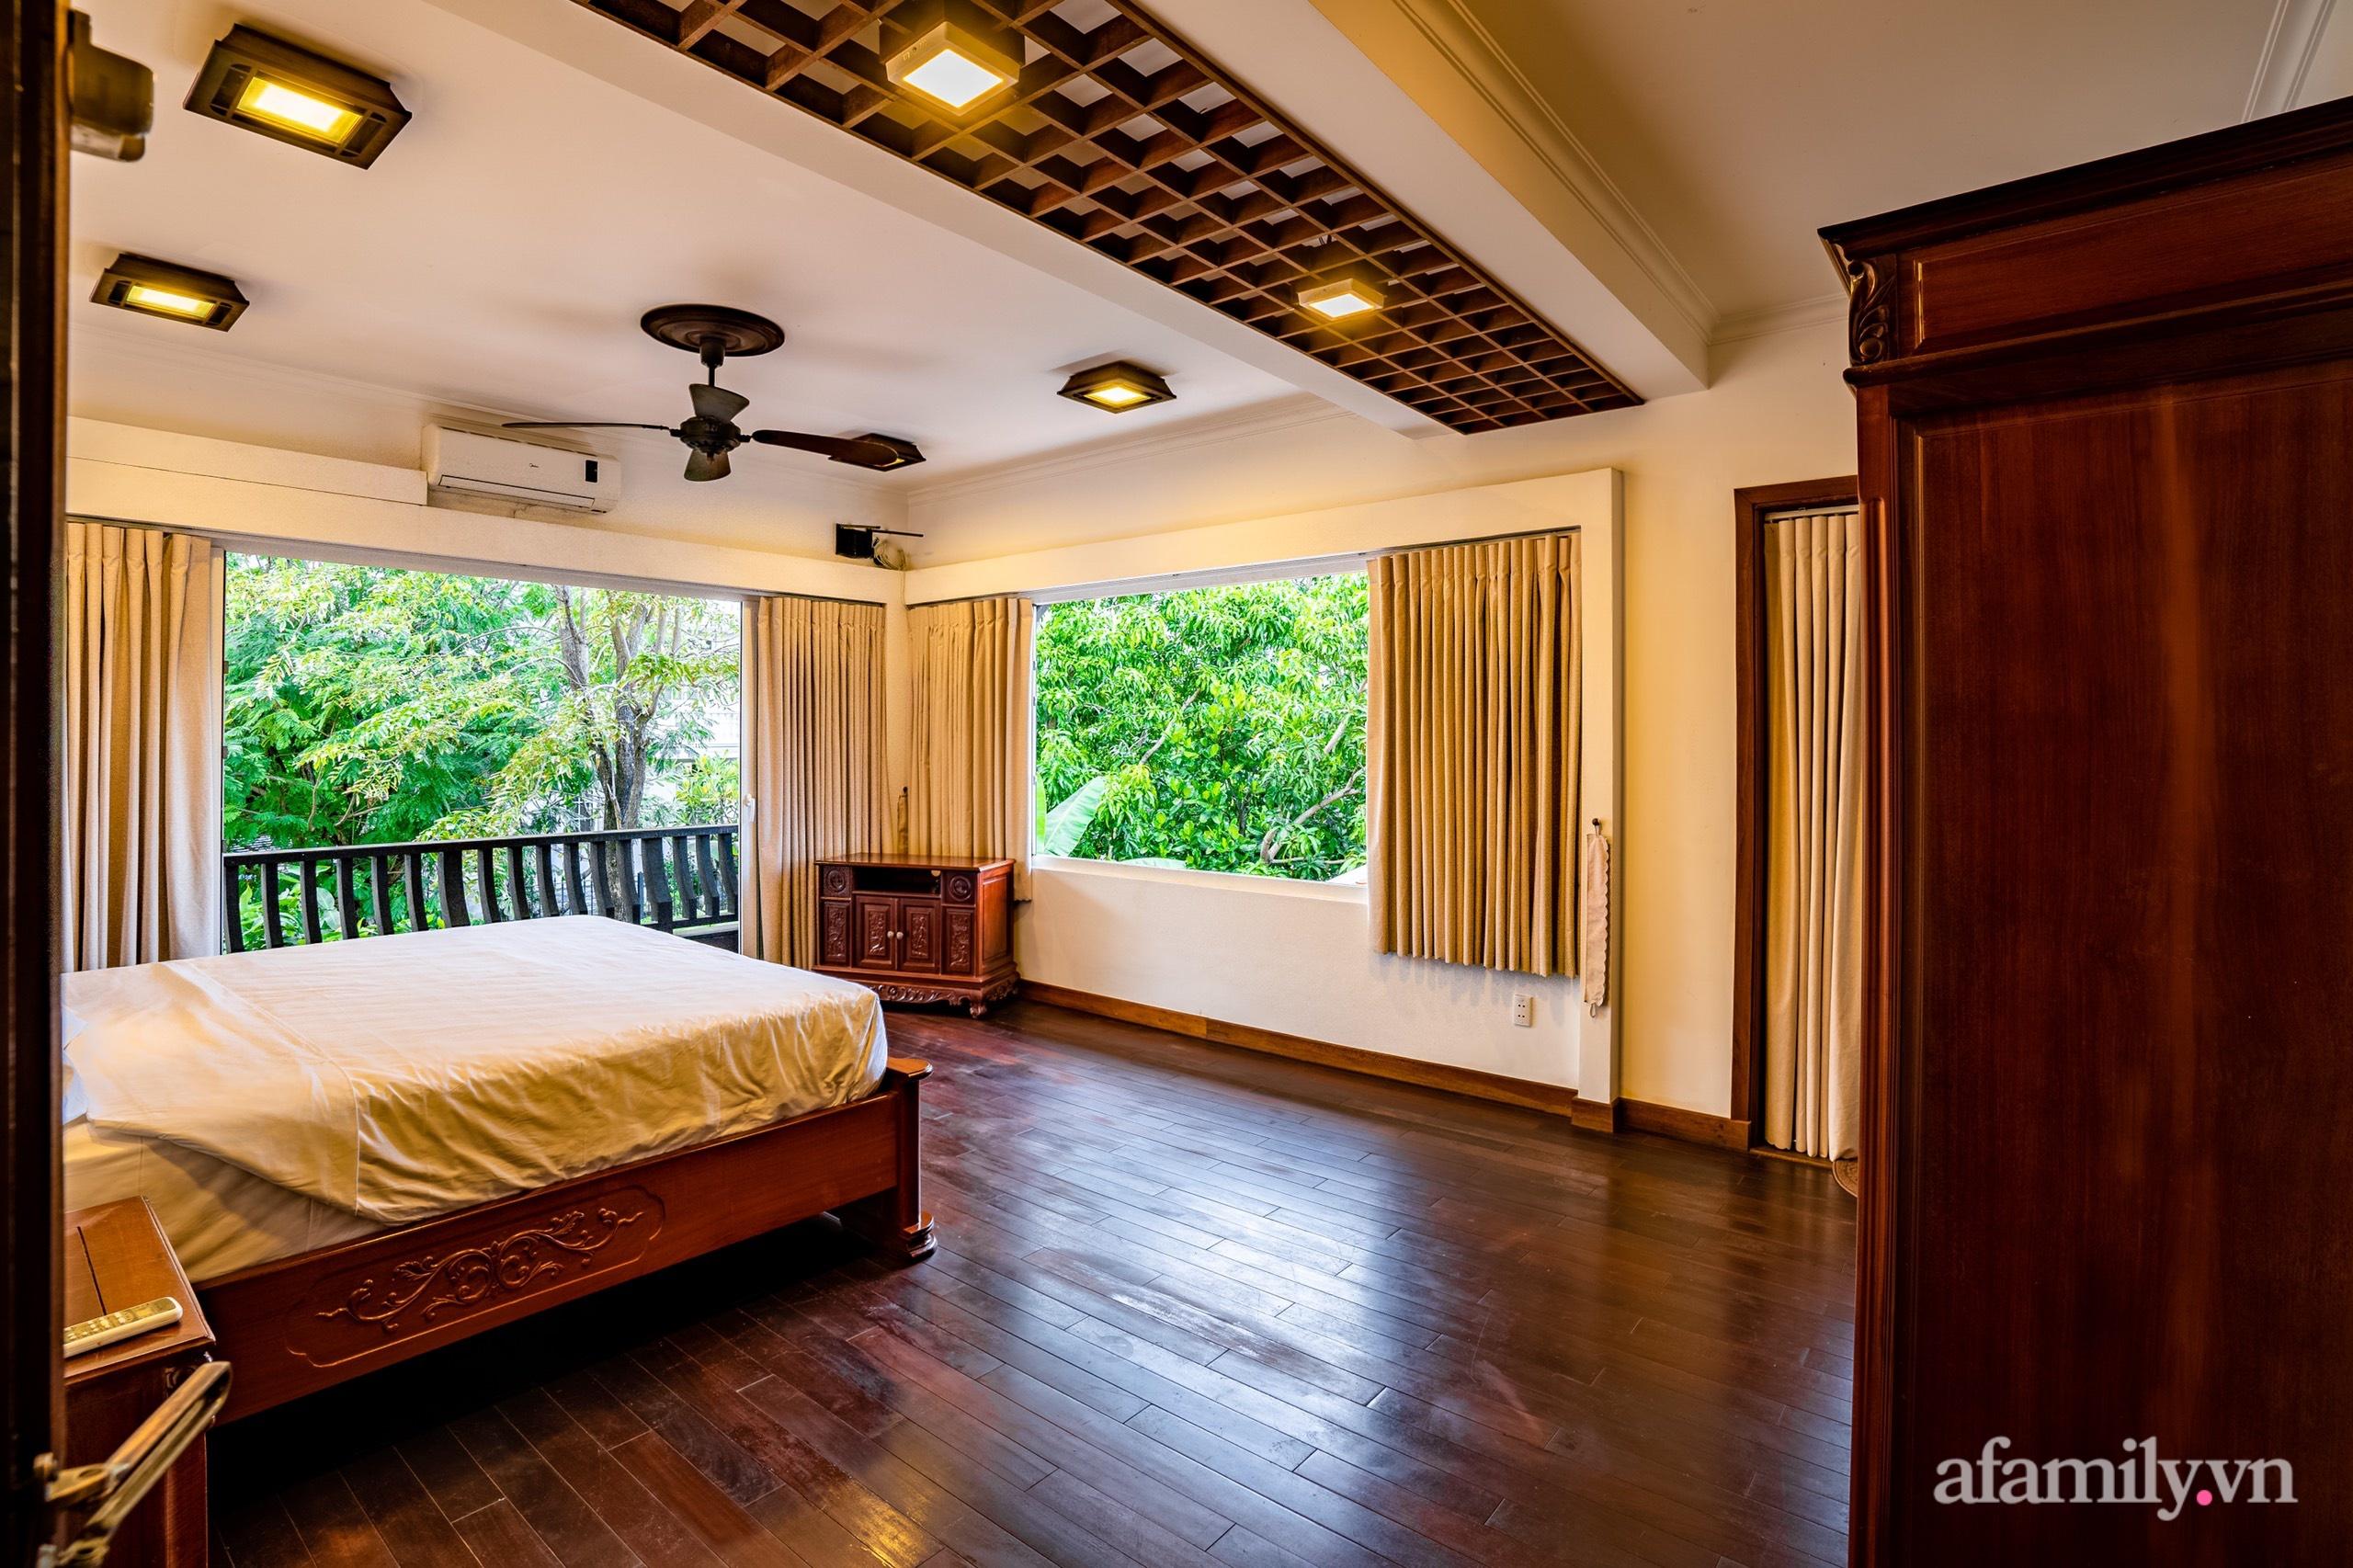 Căn nhà vườn xây 10 năm vẫn đẹp hút mắt với nội thất gỗ và cây xanh quanh nhà ở Nha Trang-20